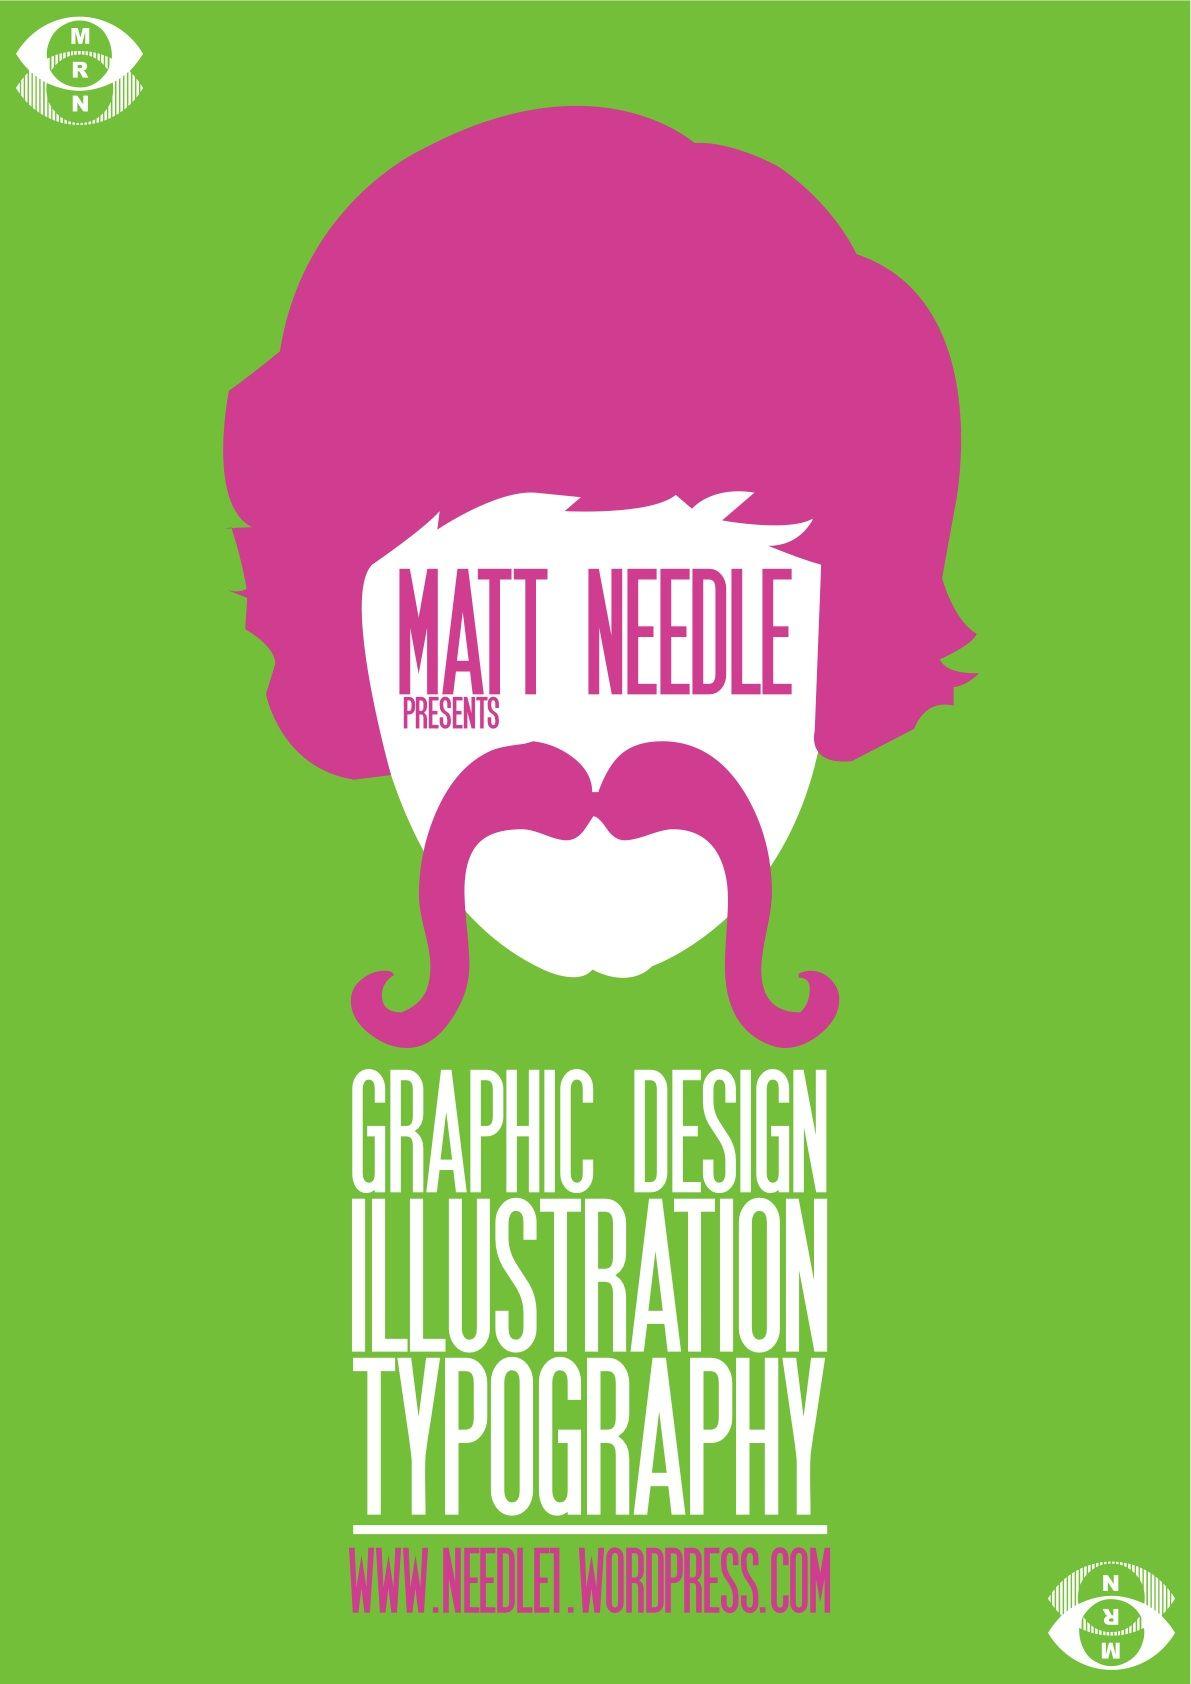 Poster design blog - Design Posters Self Promotion Design Lab 321 Design Blog